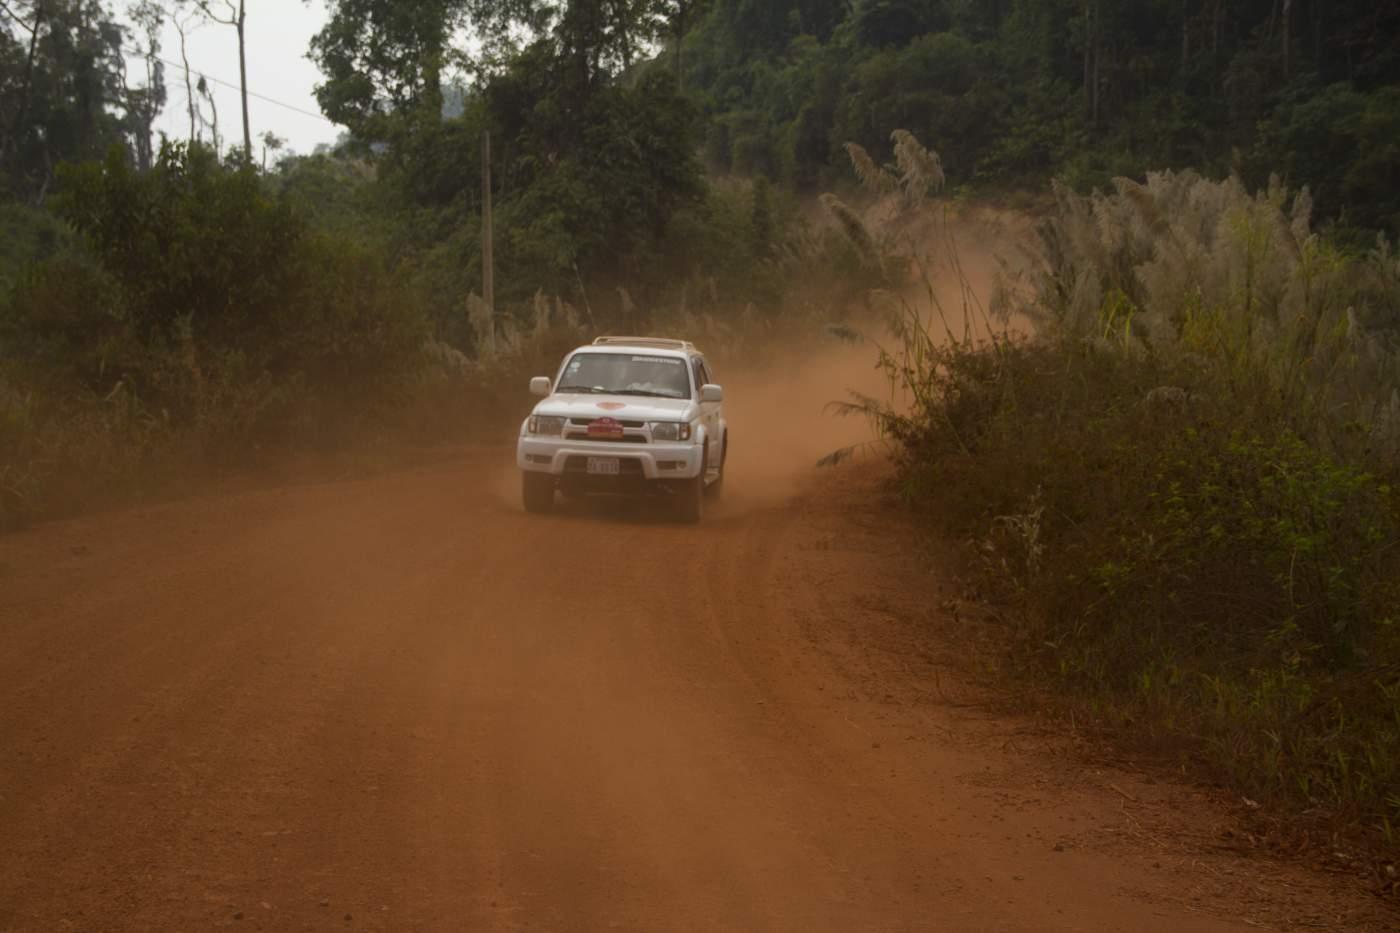 Straße in Kambodscha unterwegs auf Enduros mit unserem Guide Reini